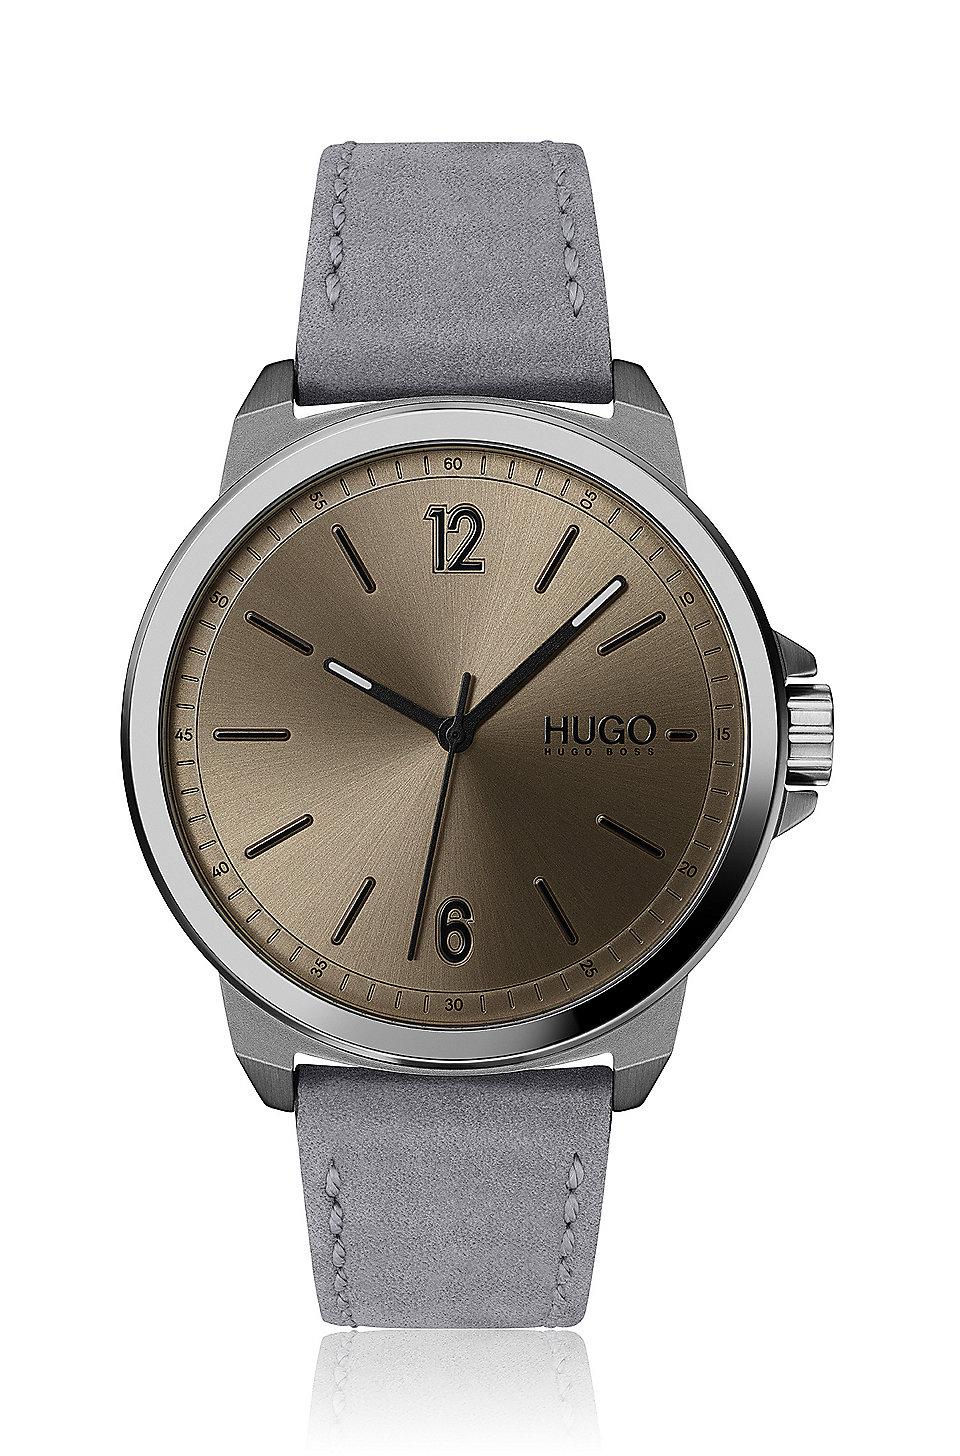 3db41ba8bdc5 HUGO - Reloj con correa de nobuk y esfera en color café con acabado  cepillado